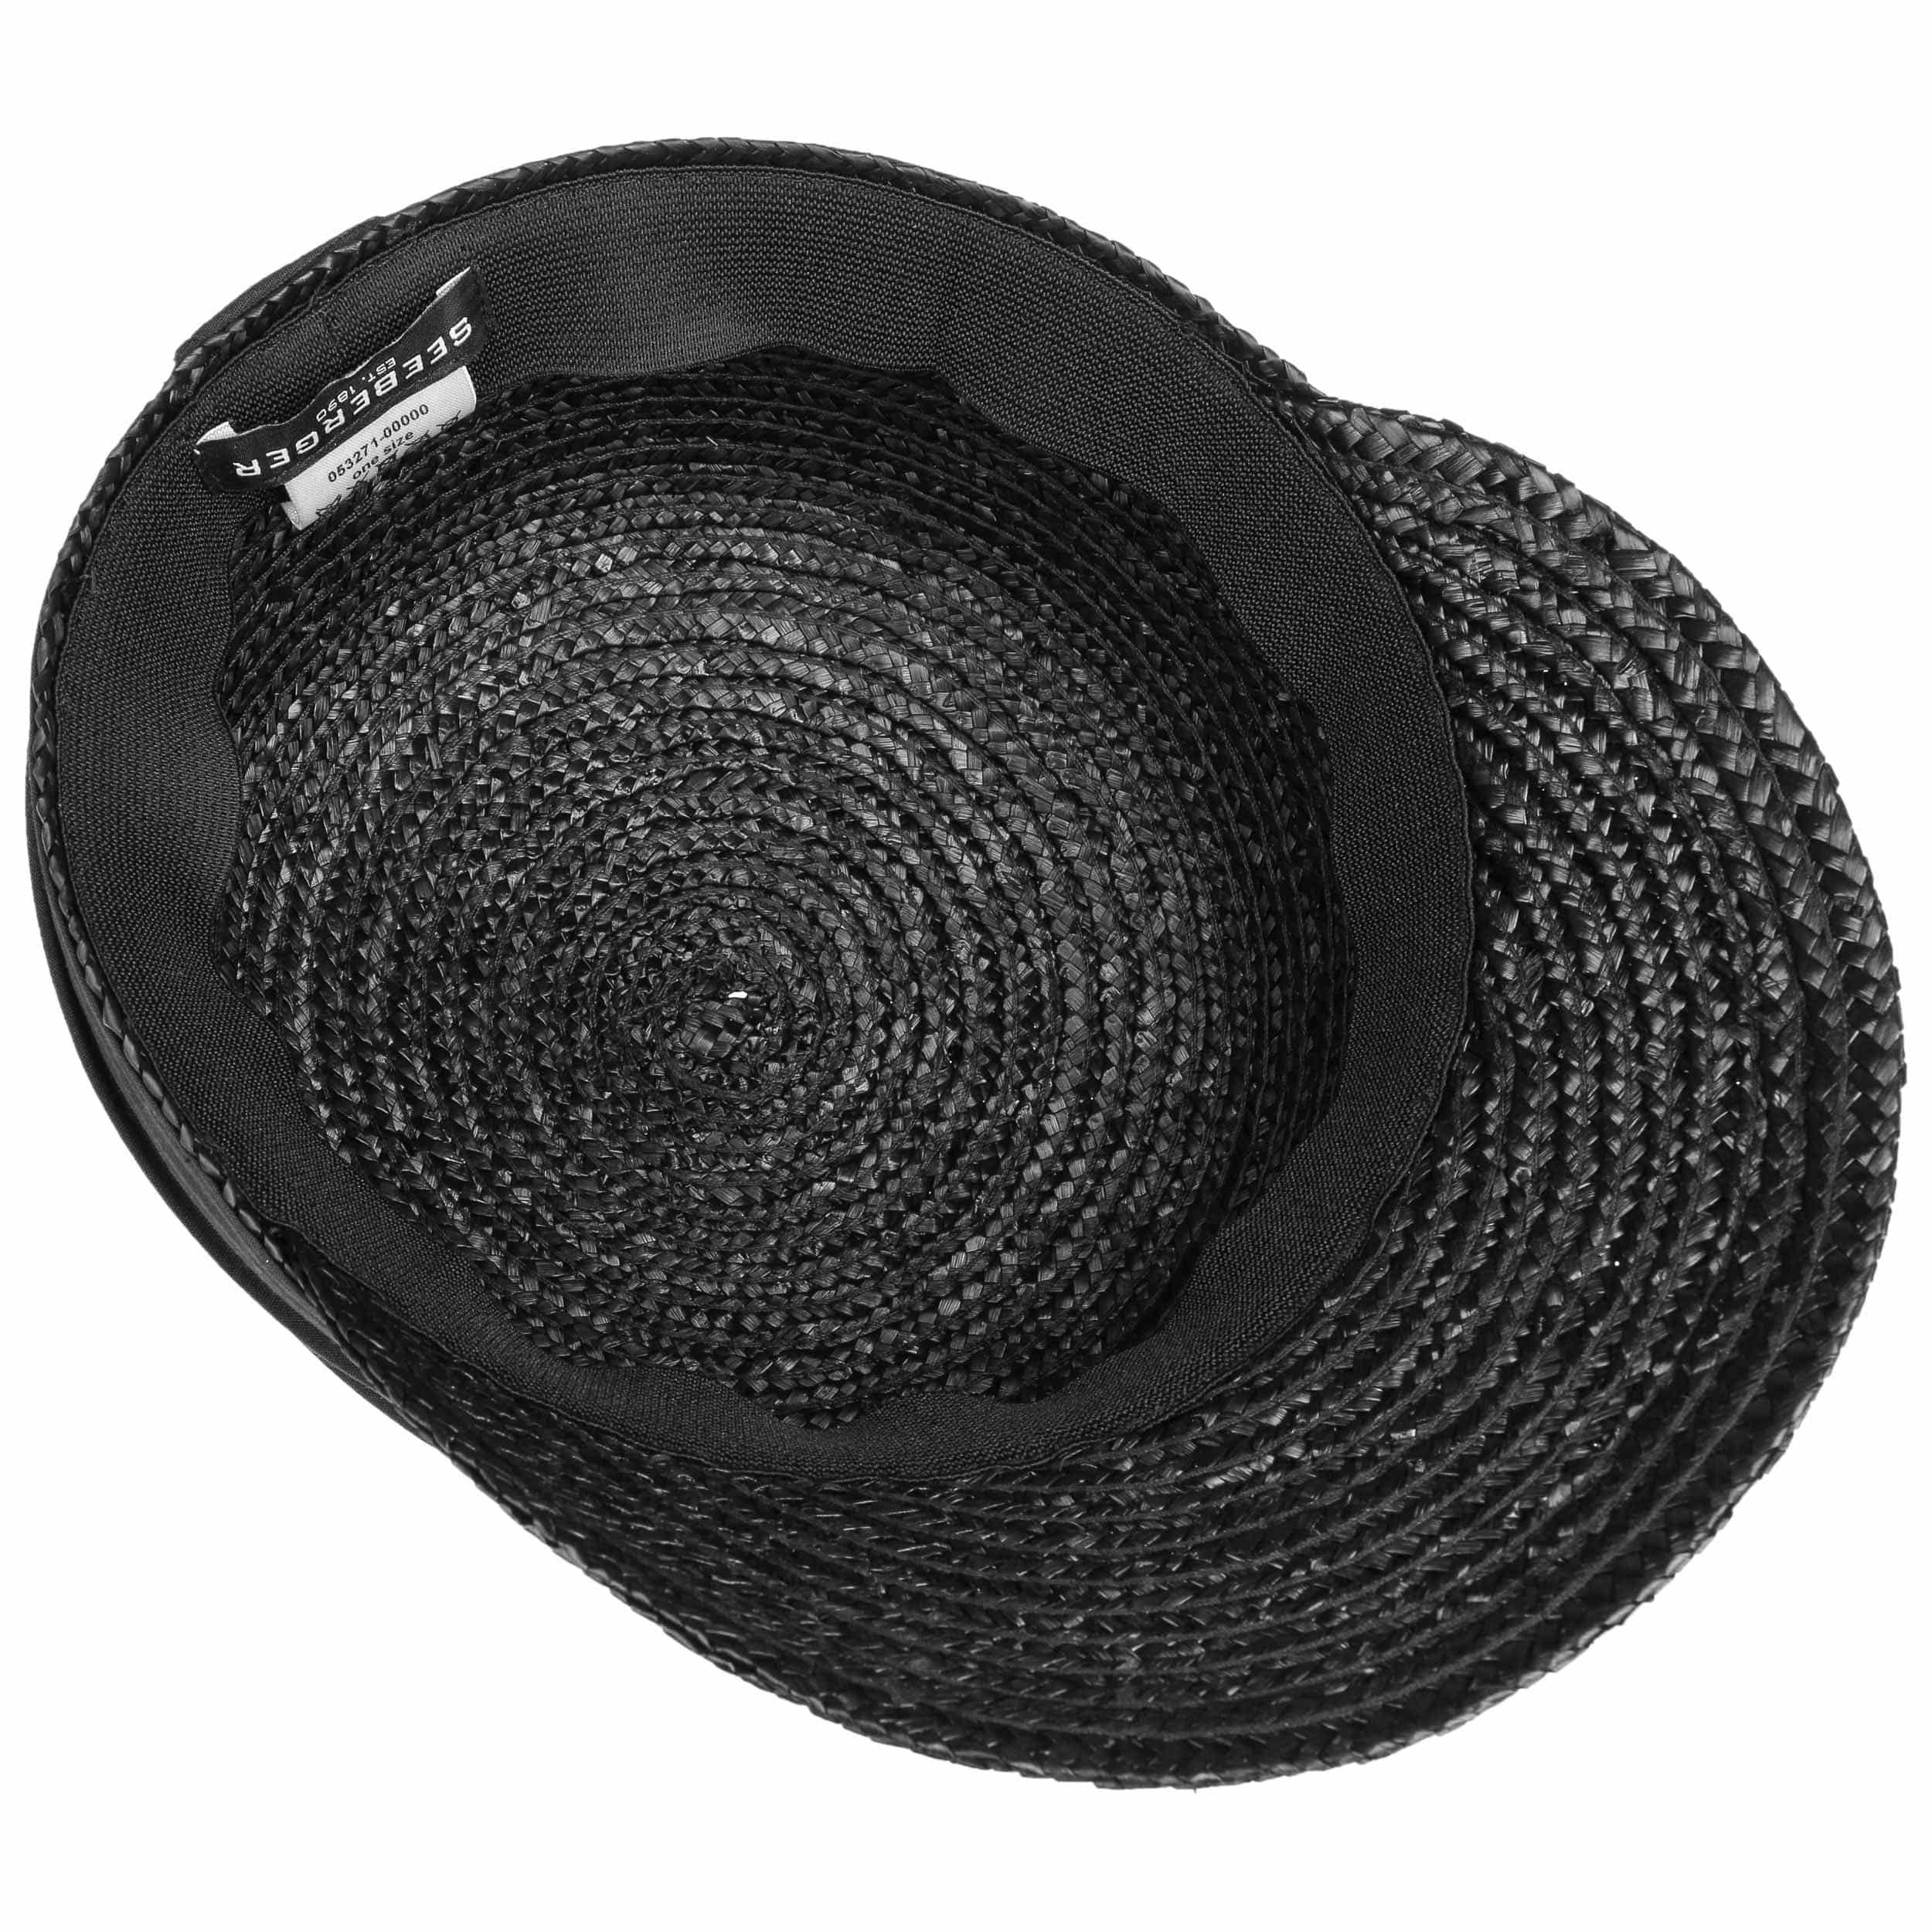 522f05ea8804c Gorra de Paja Grace by Seeberger - Gorras - sombreroshop.es